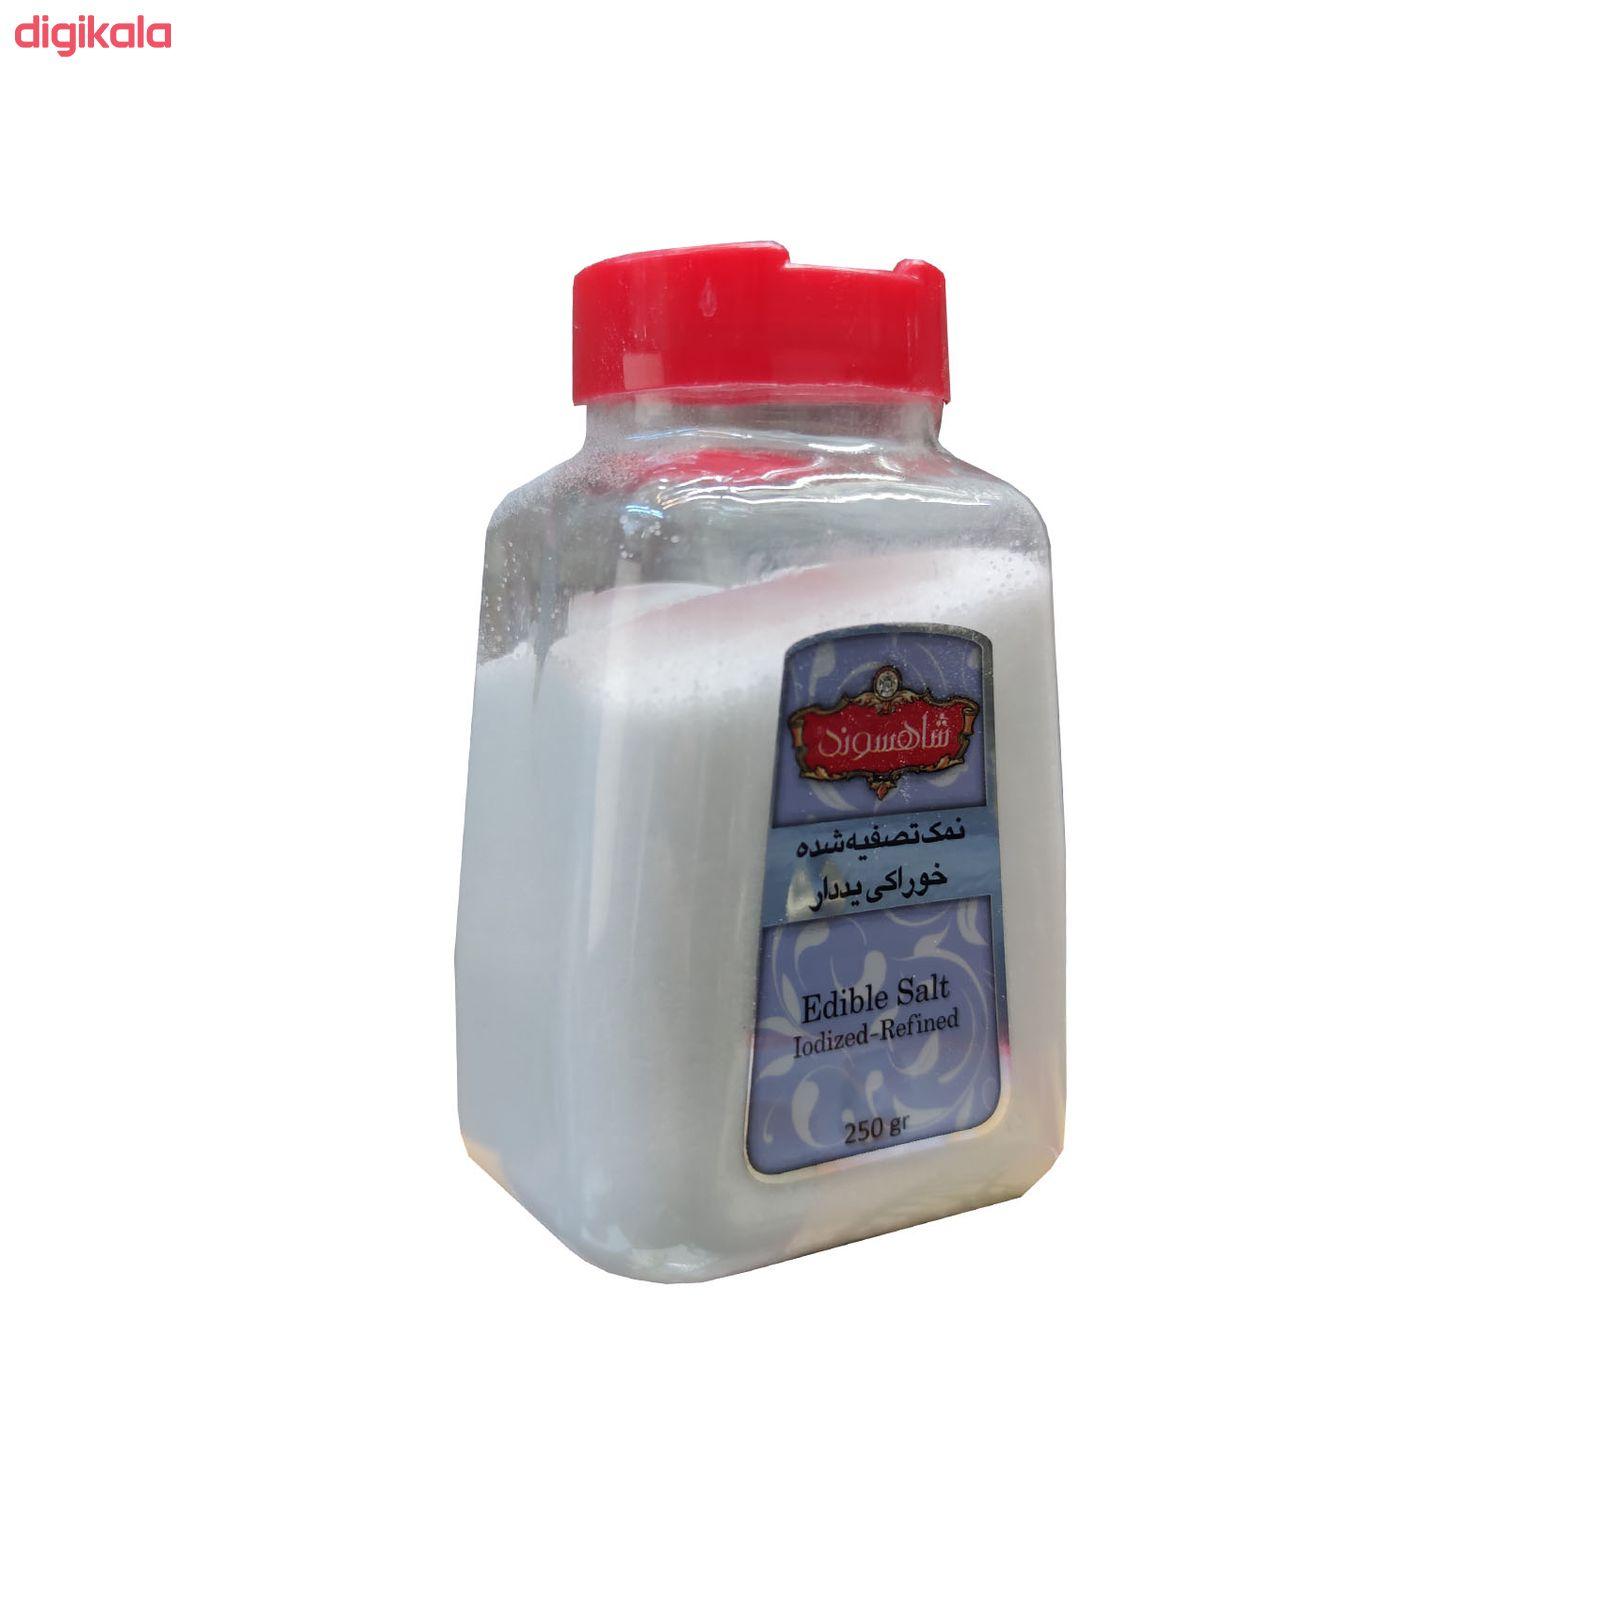 نمک تصفیه شده خوراکی شاهسوند - 250 گرم main 1 1